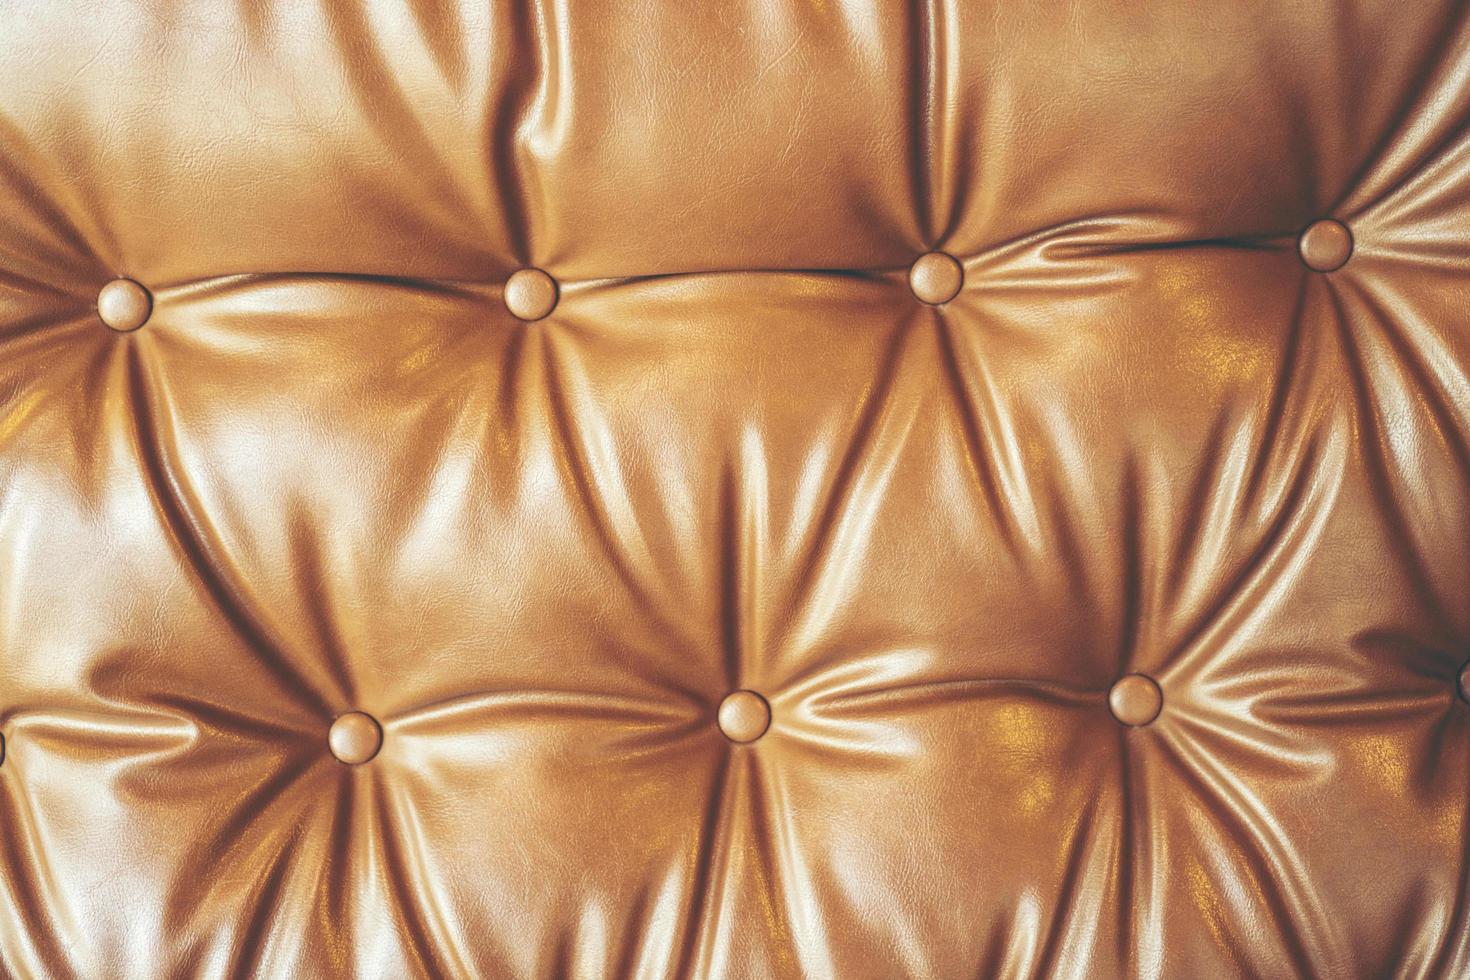 primer plano, de, un, silla de cuero foto